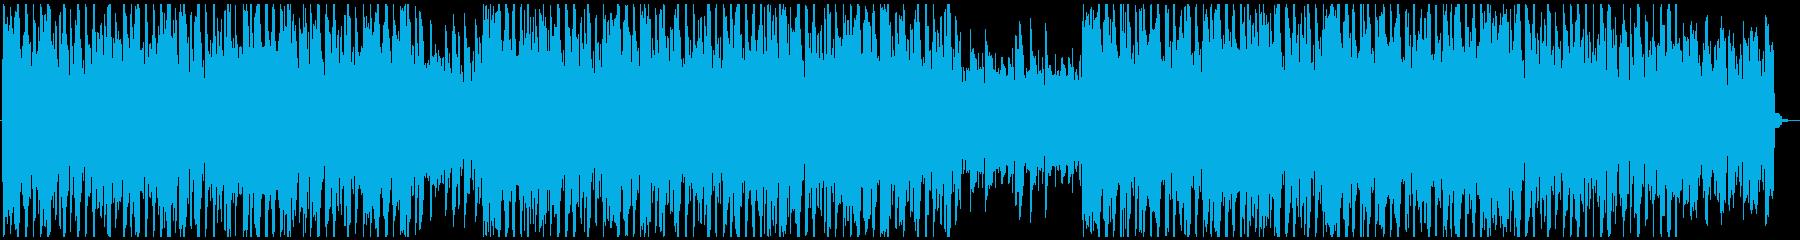 新鮮でファンキーなサウンドのエネル...の再生済みの波形